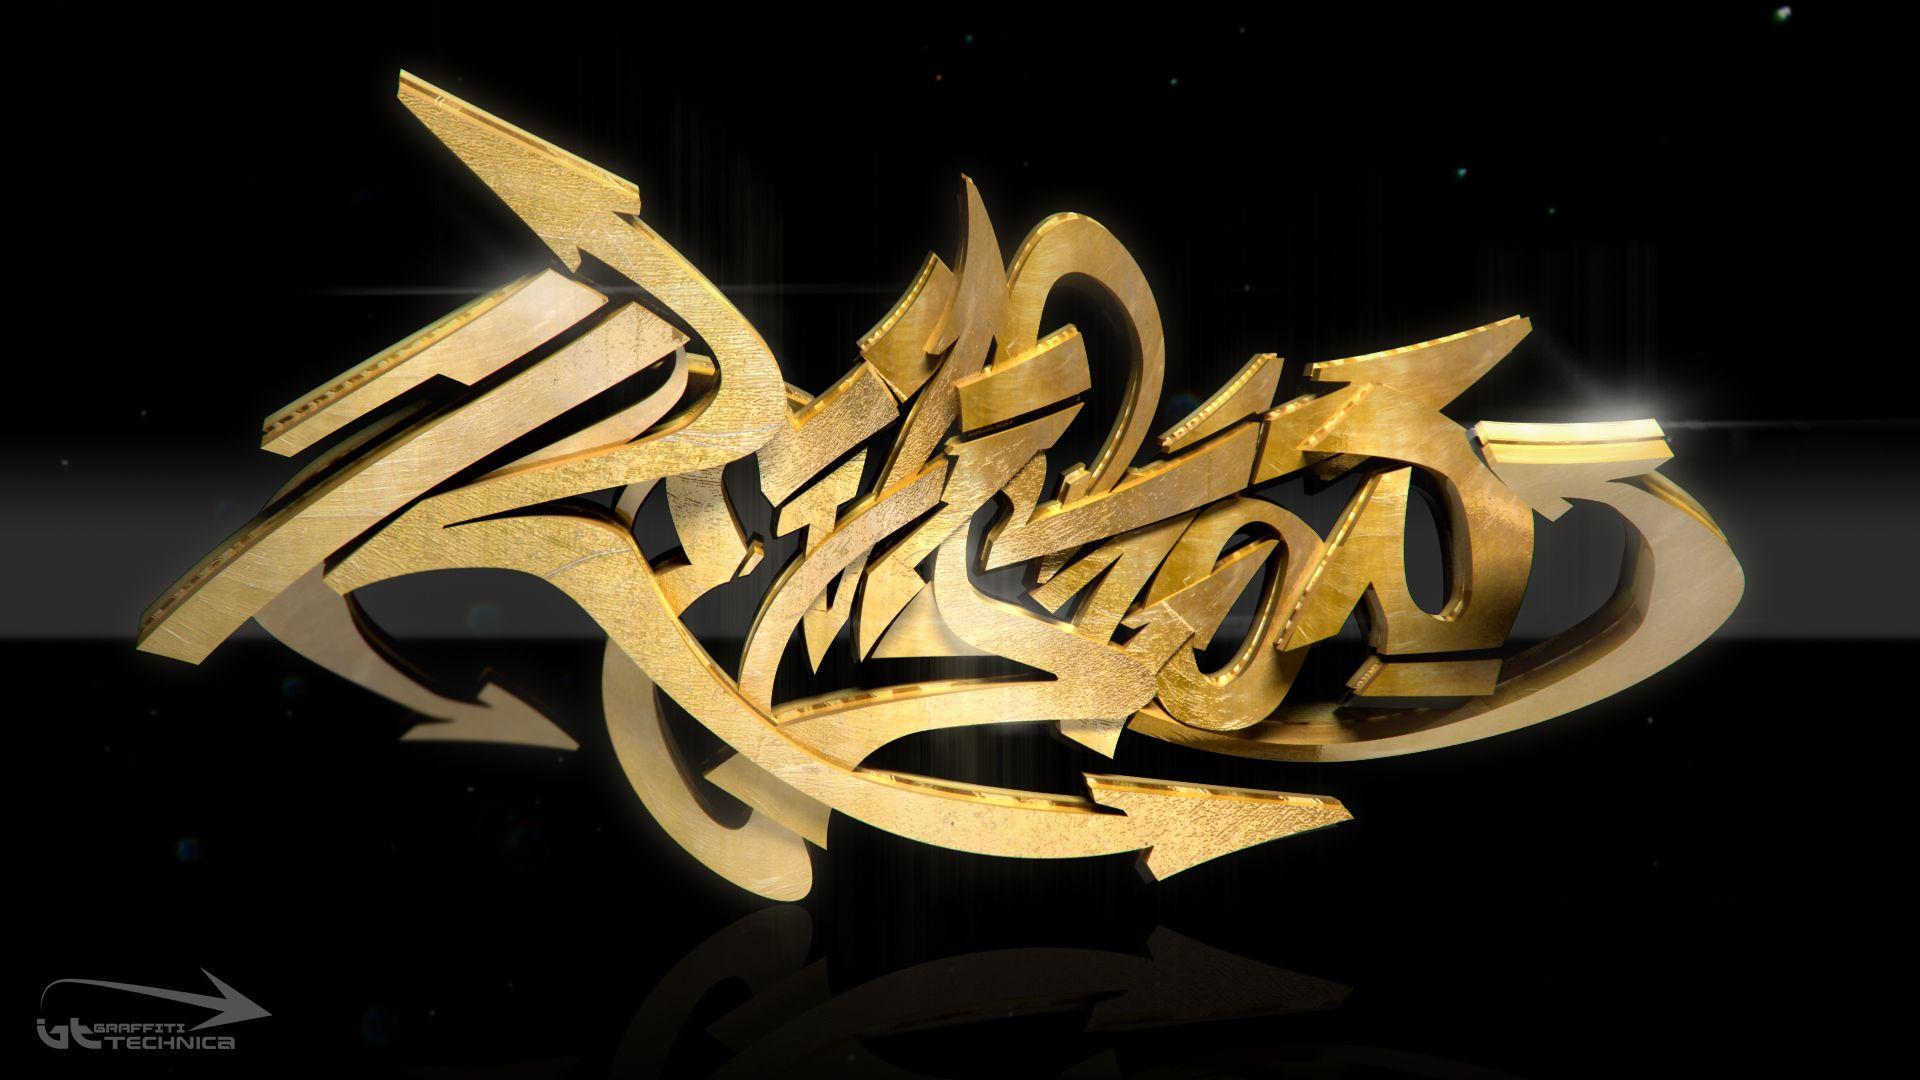 Tags 3d graffiti graffiti 3d graffiti creator graffiti font graffiti graffiti font graffiti graffiti font graffiti creator